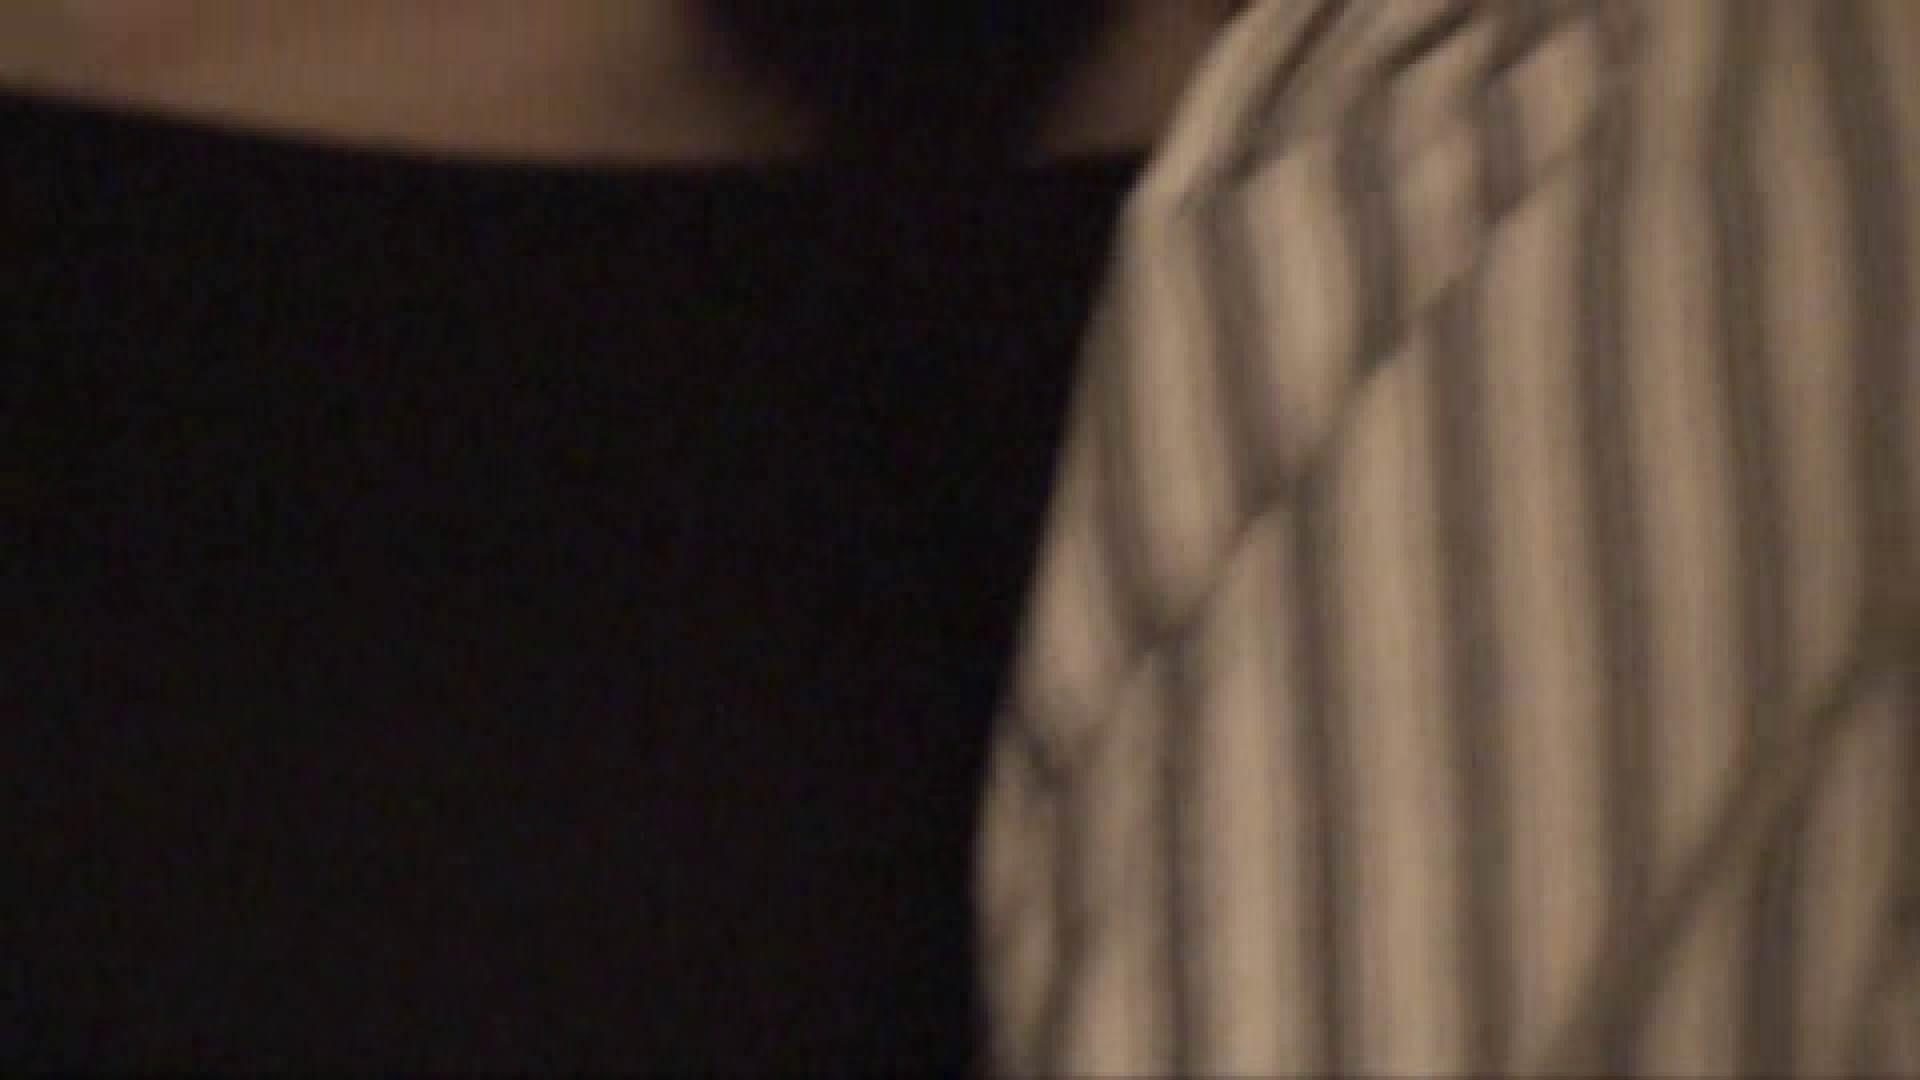 独占配信! ●罪証拠DVD 起きません! vol.13 悪戯  68Pix 1